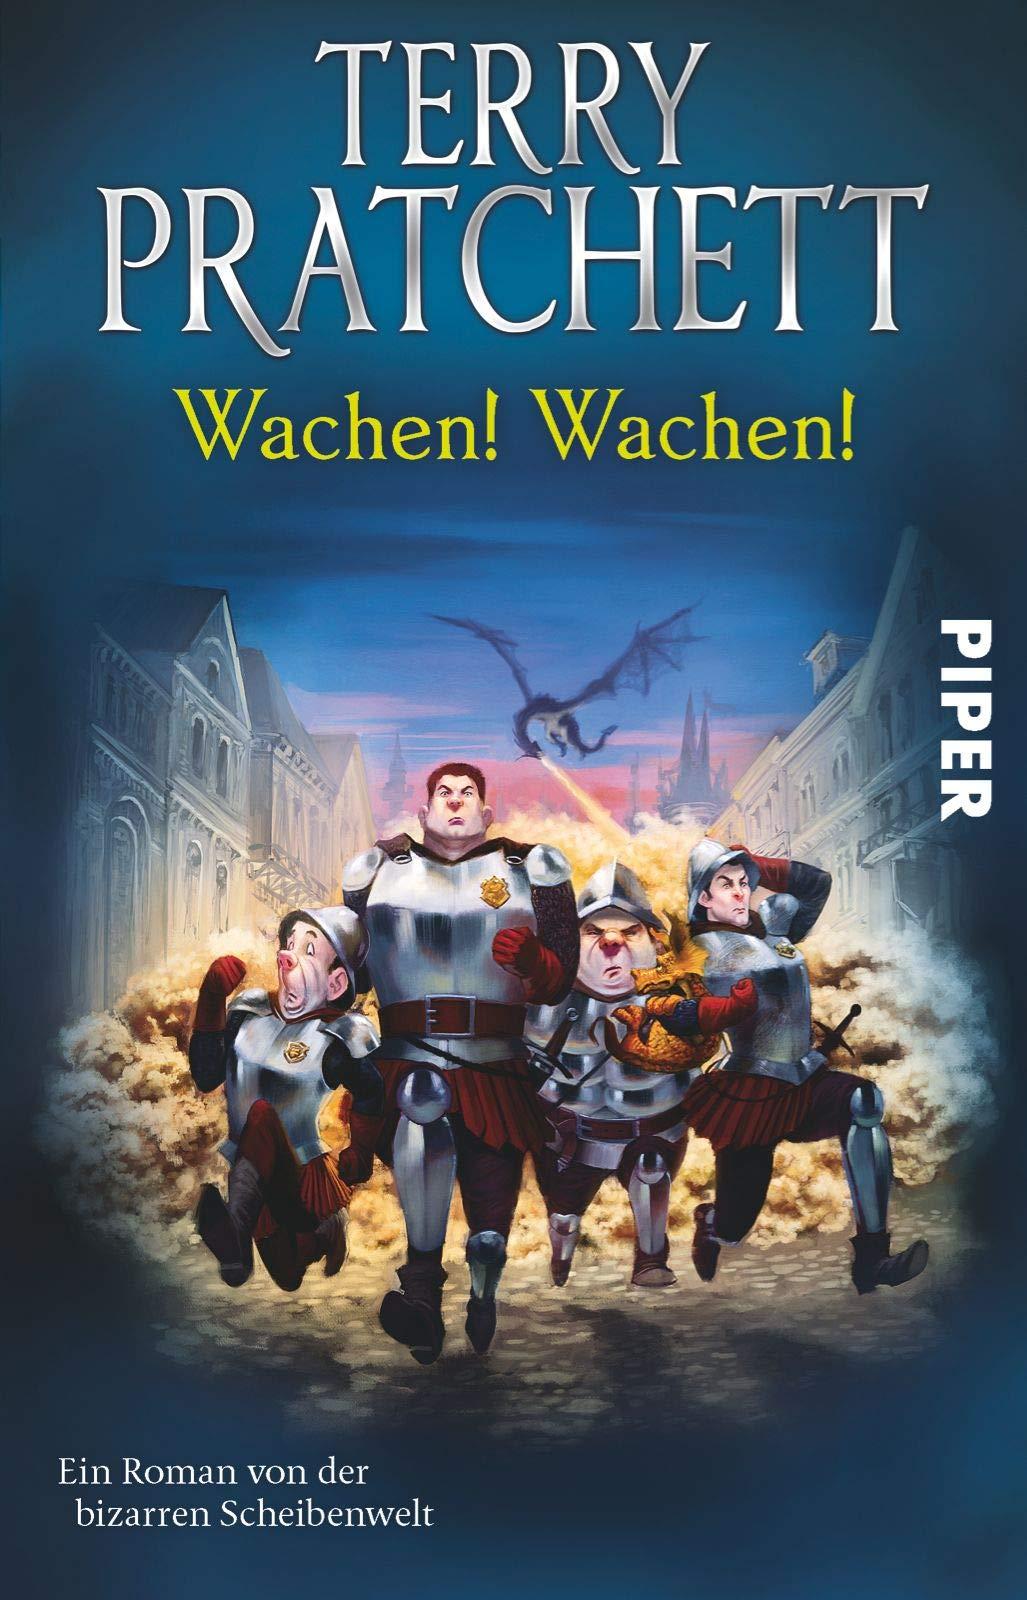 terry pratchett scheibenwelt